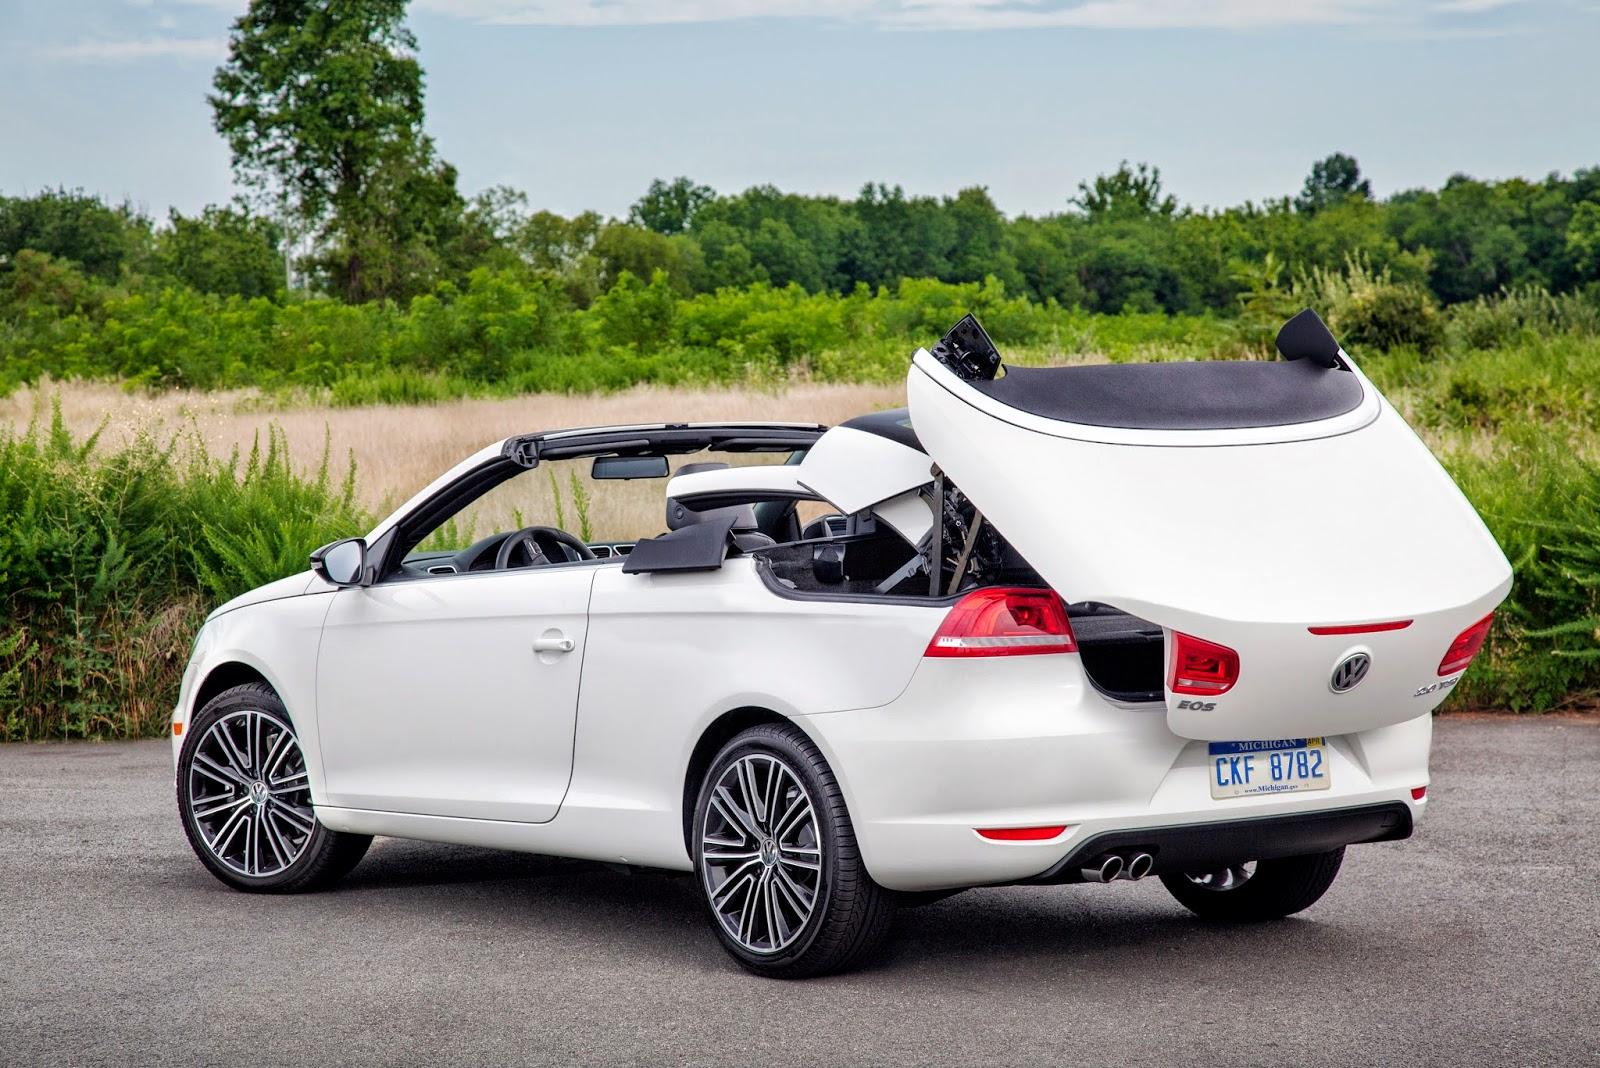 Rear 3/4 view of 2014 Volkswagen Eos Sport